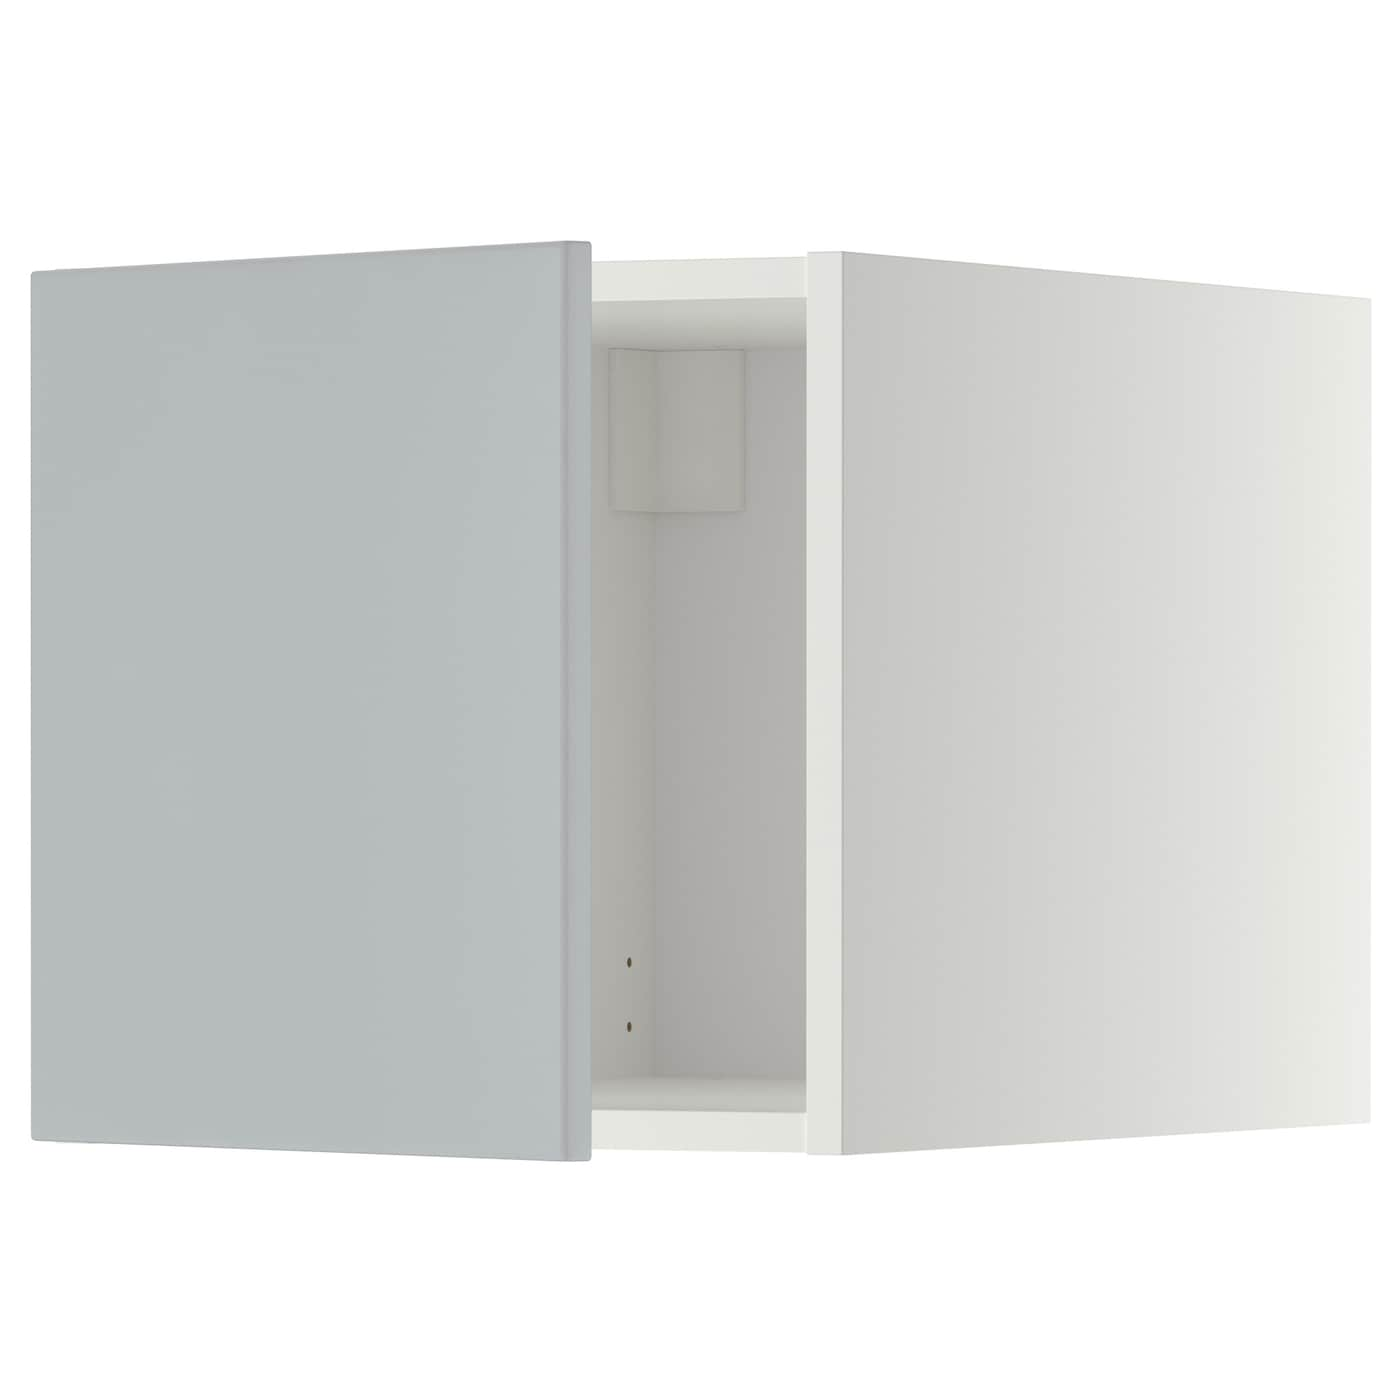 metod top cabinet white veddinge grey 40x40 cm ikea. Black Bedroom Furniture Sets. Home Design Ideas